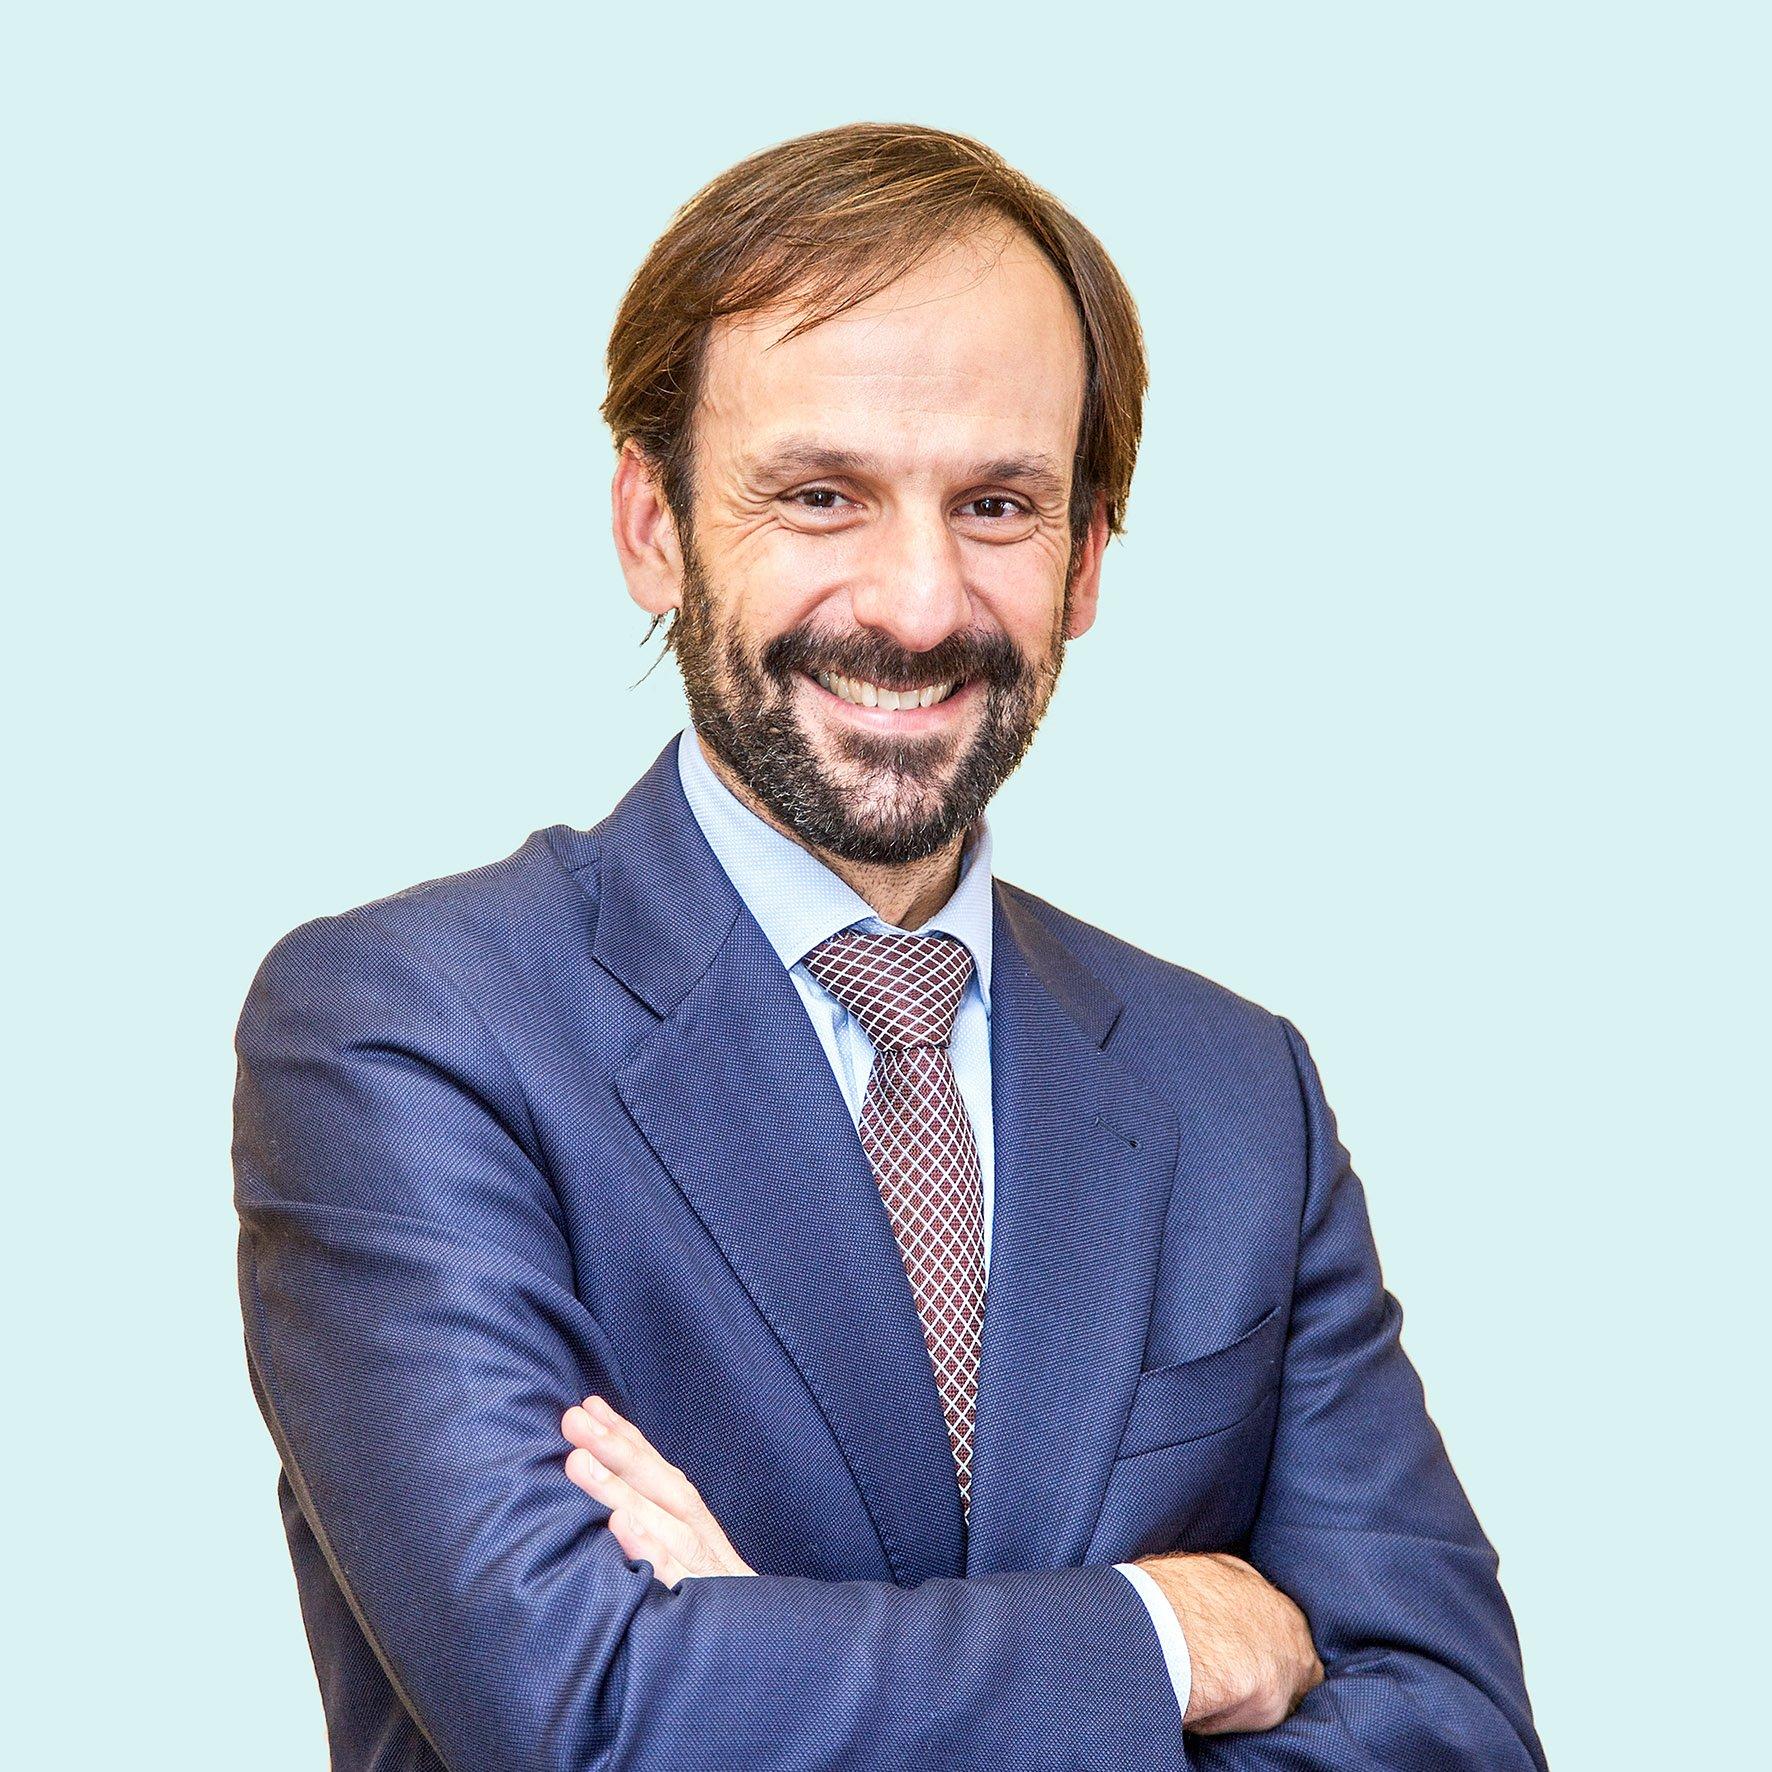 Antonio Crespo Campillo